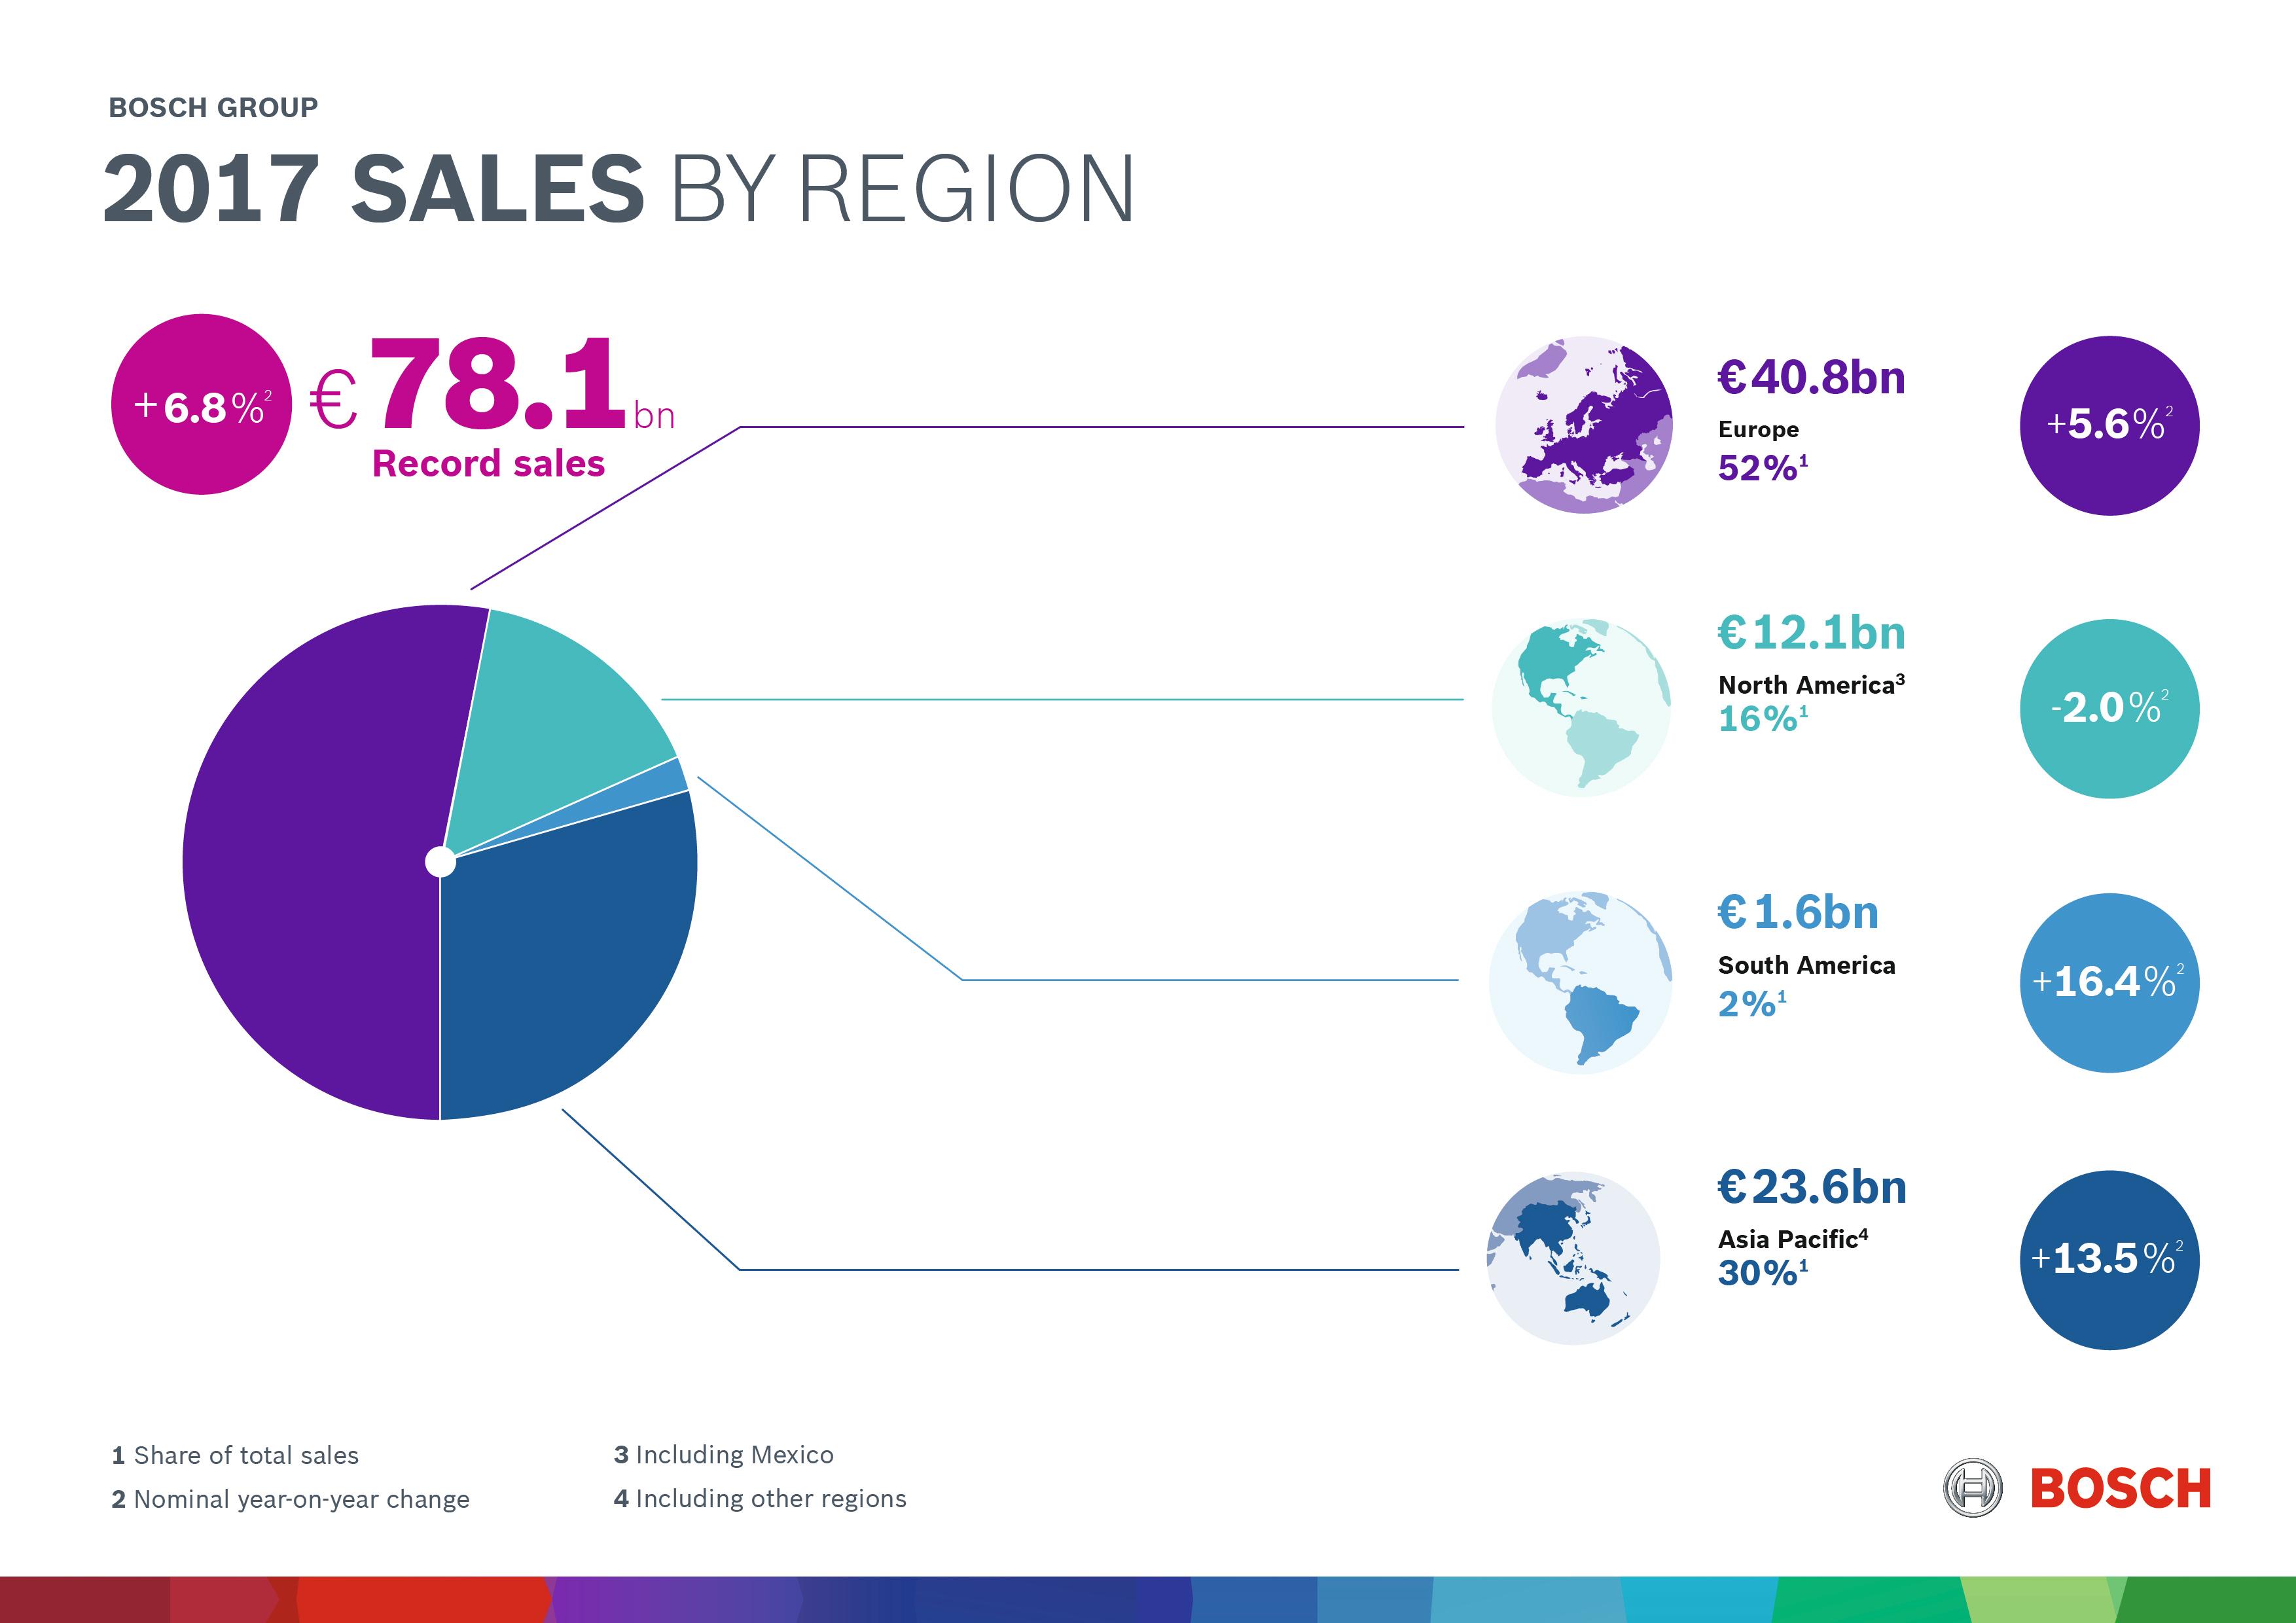 Digitálna transformácia 2017: každodenná obchodná činnosť spoločnosti Bosch